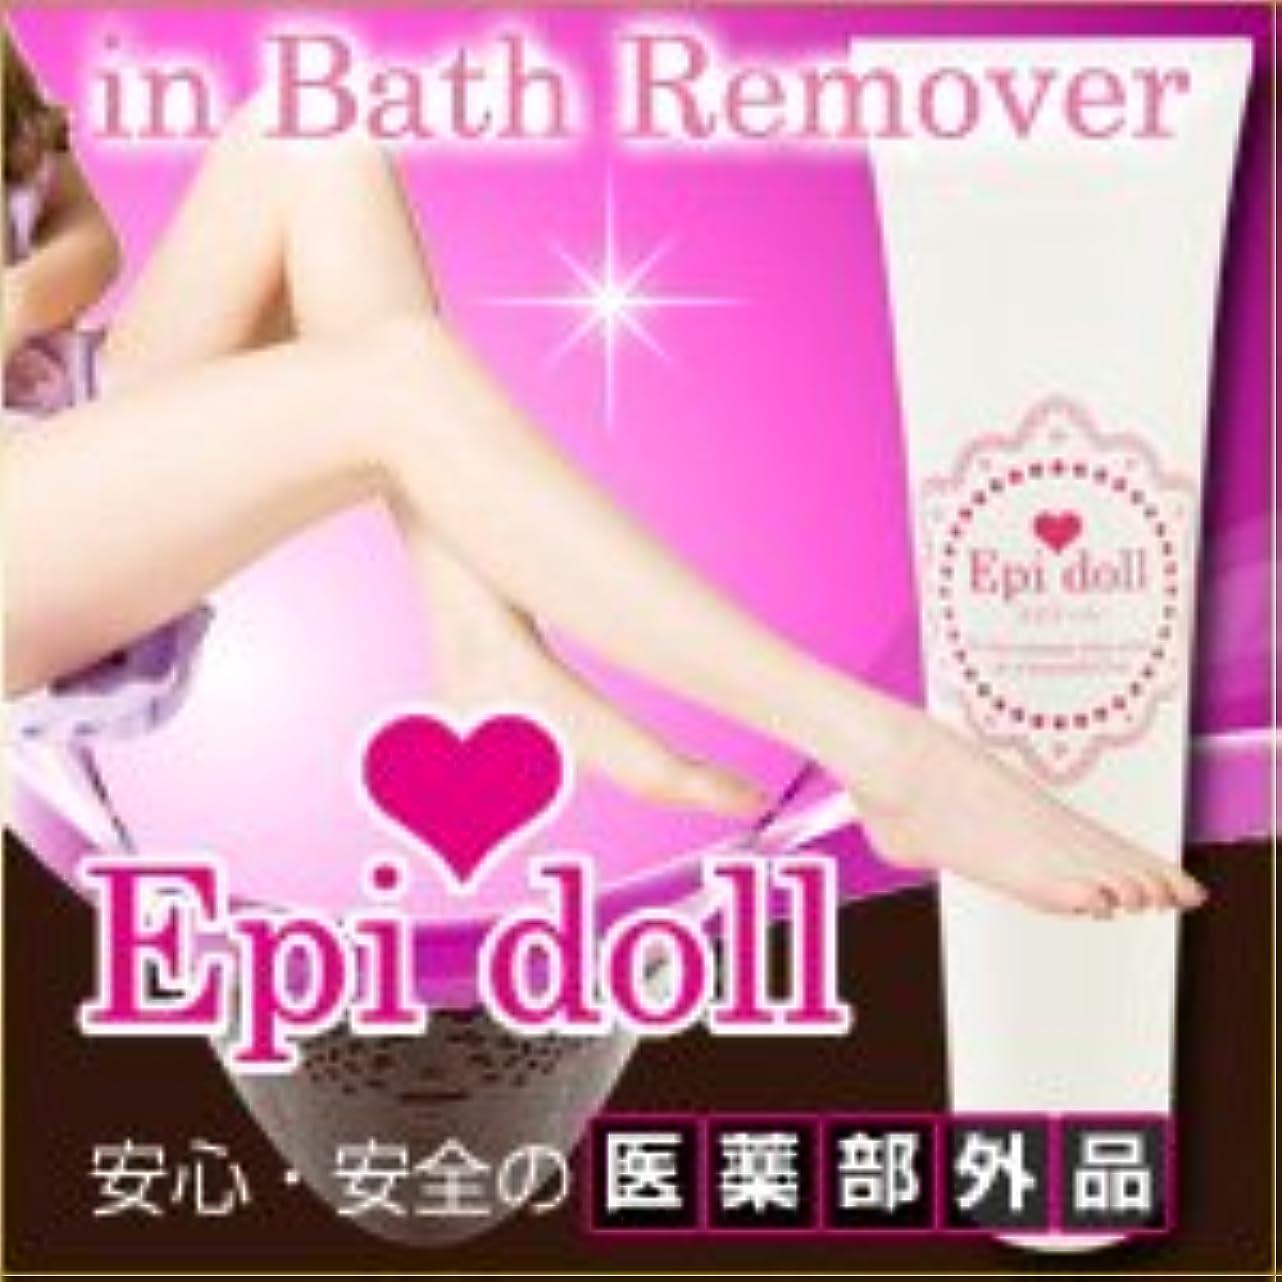 観察する食器棚メディア【医薬部外品 Epi doll in bath remover(エピドール インバスリムーバー)】